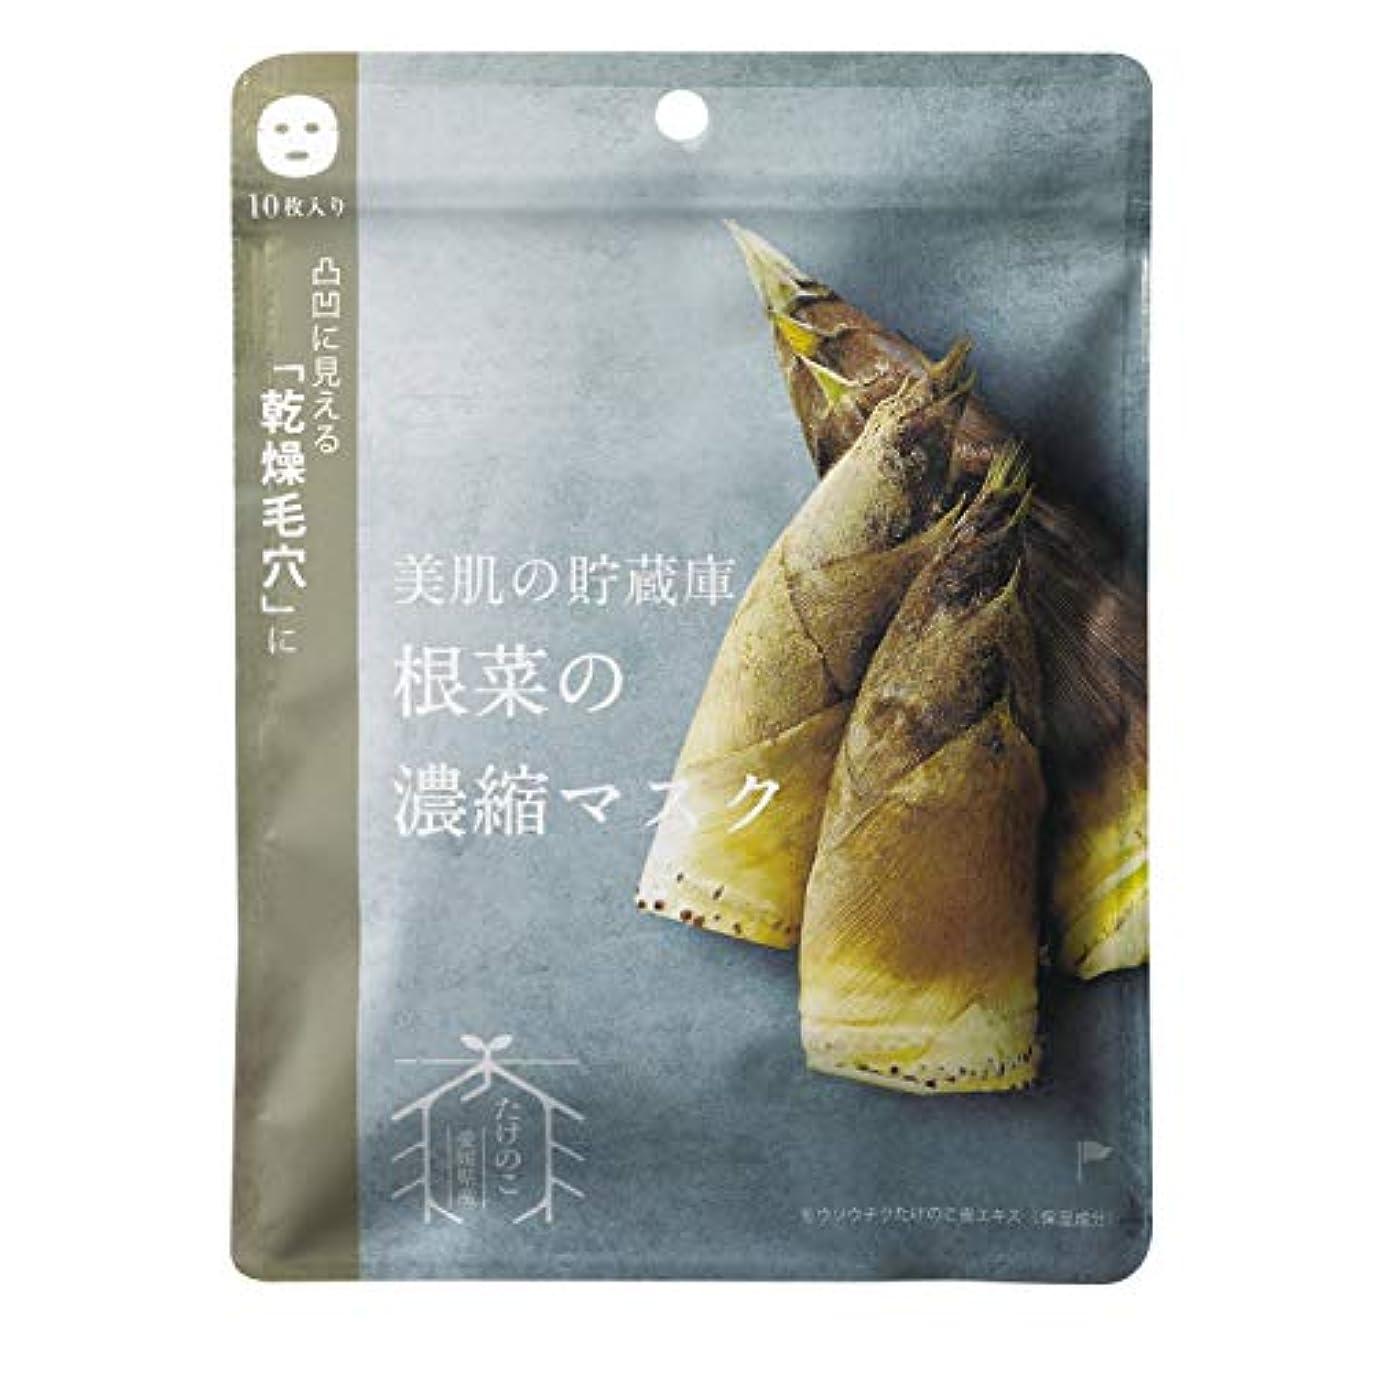 獣黒ほめる@cosme nippon 美肌の貯蔵庫 根菜の濃縮マスク 孟宗竹たけのこ 10枚 160ml